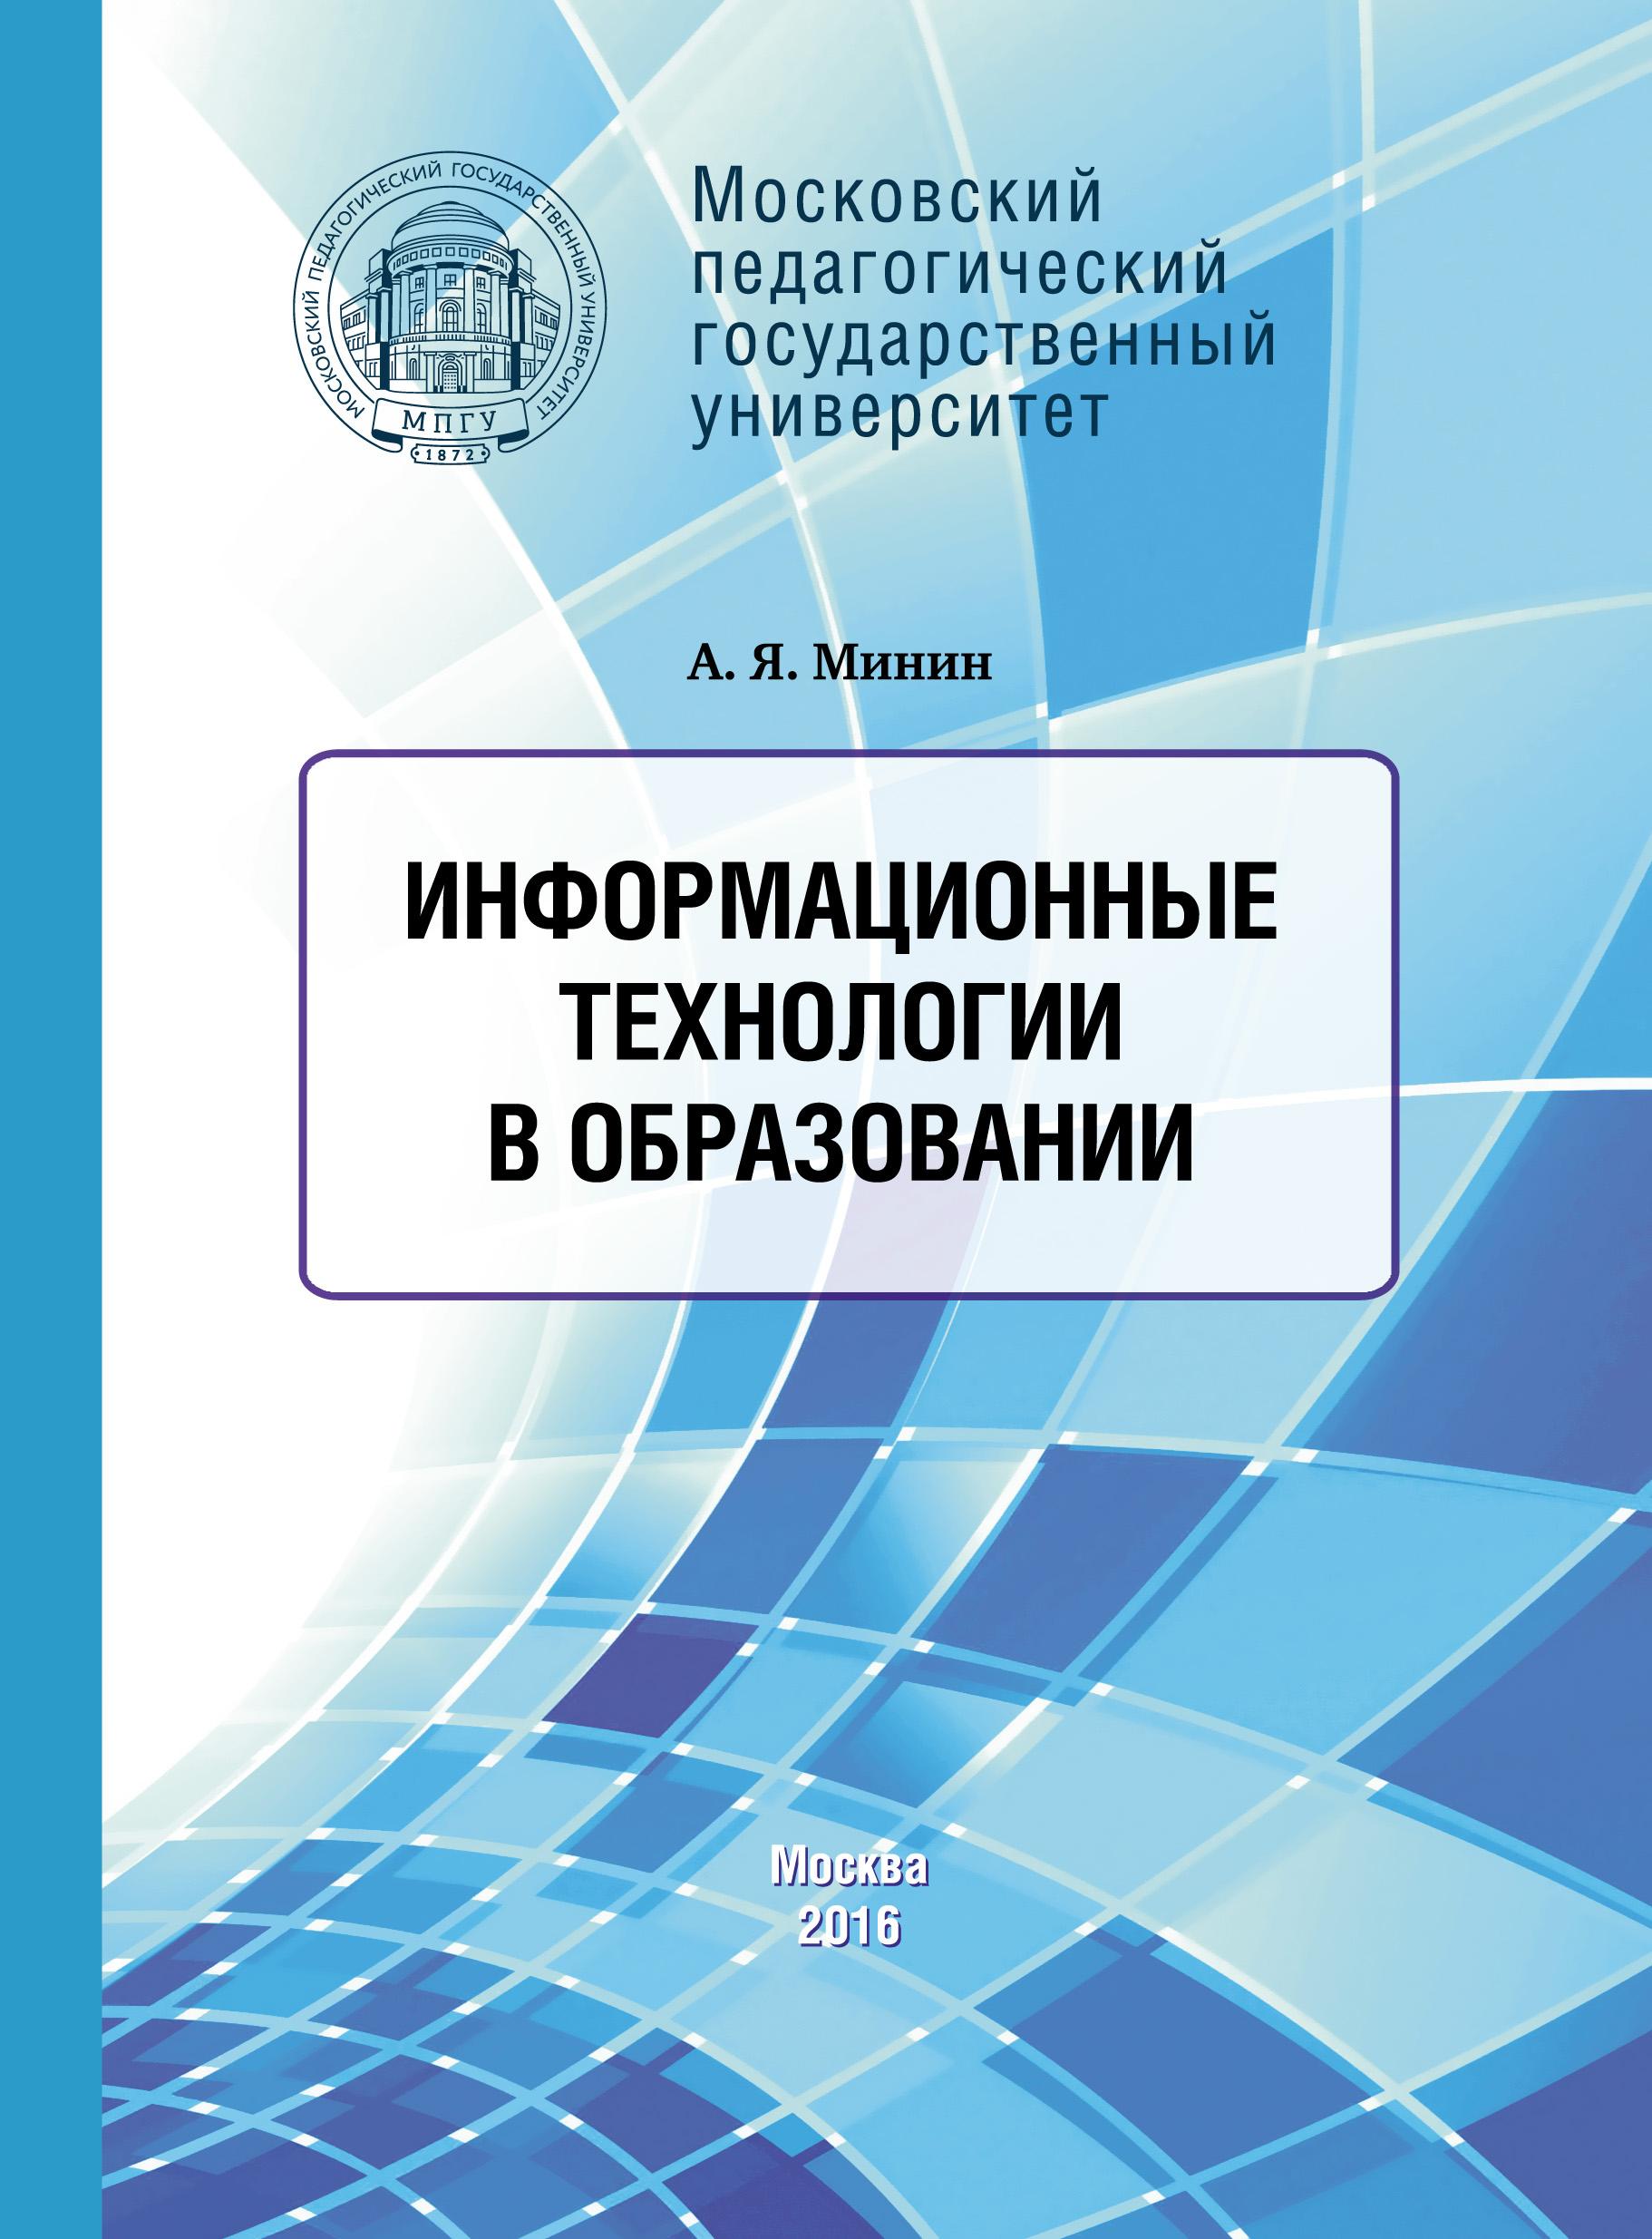 Анатолий Минин Информационные технологии в образовании дмитрий крахмалев информационные технологии